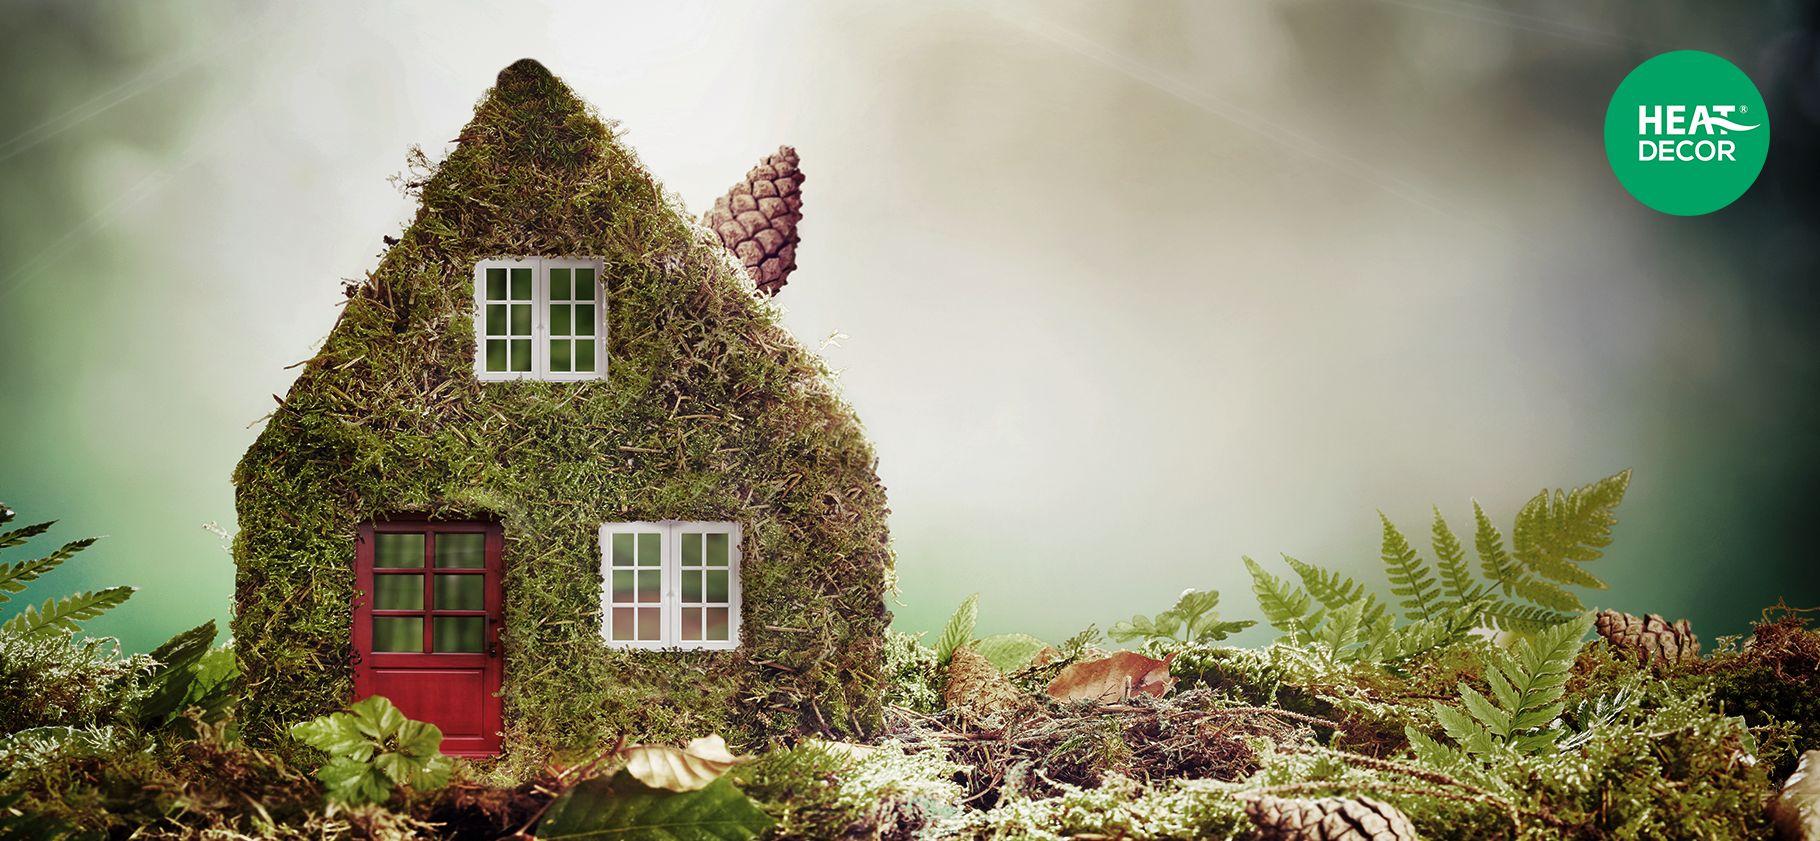 Ulga termomodernizacyjna - dofinansowanie elektrowoltaika oraz systemy grzewcze, folie grzewcze, ogrzewanie domu prądem